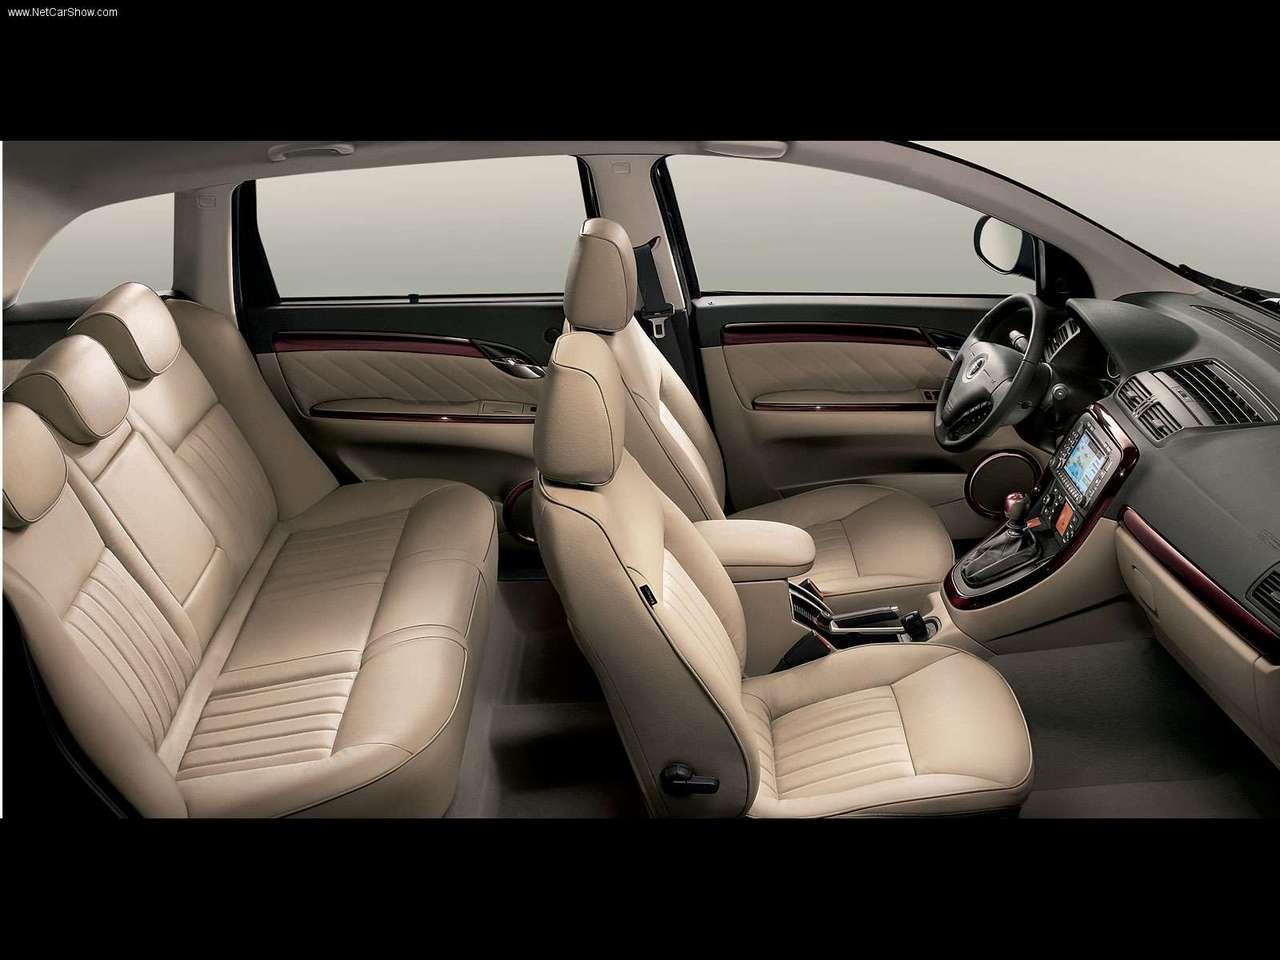 FIAT CROMA interior